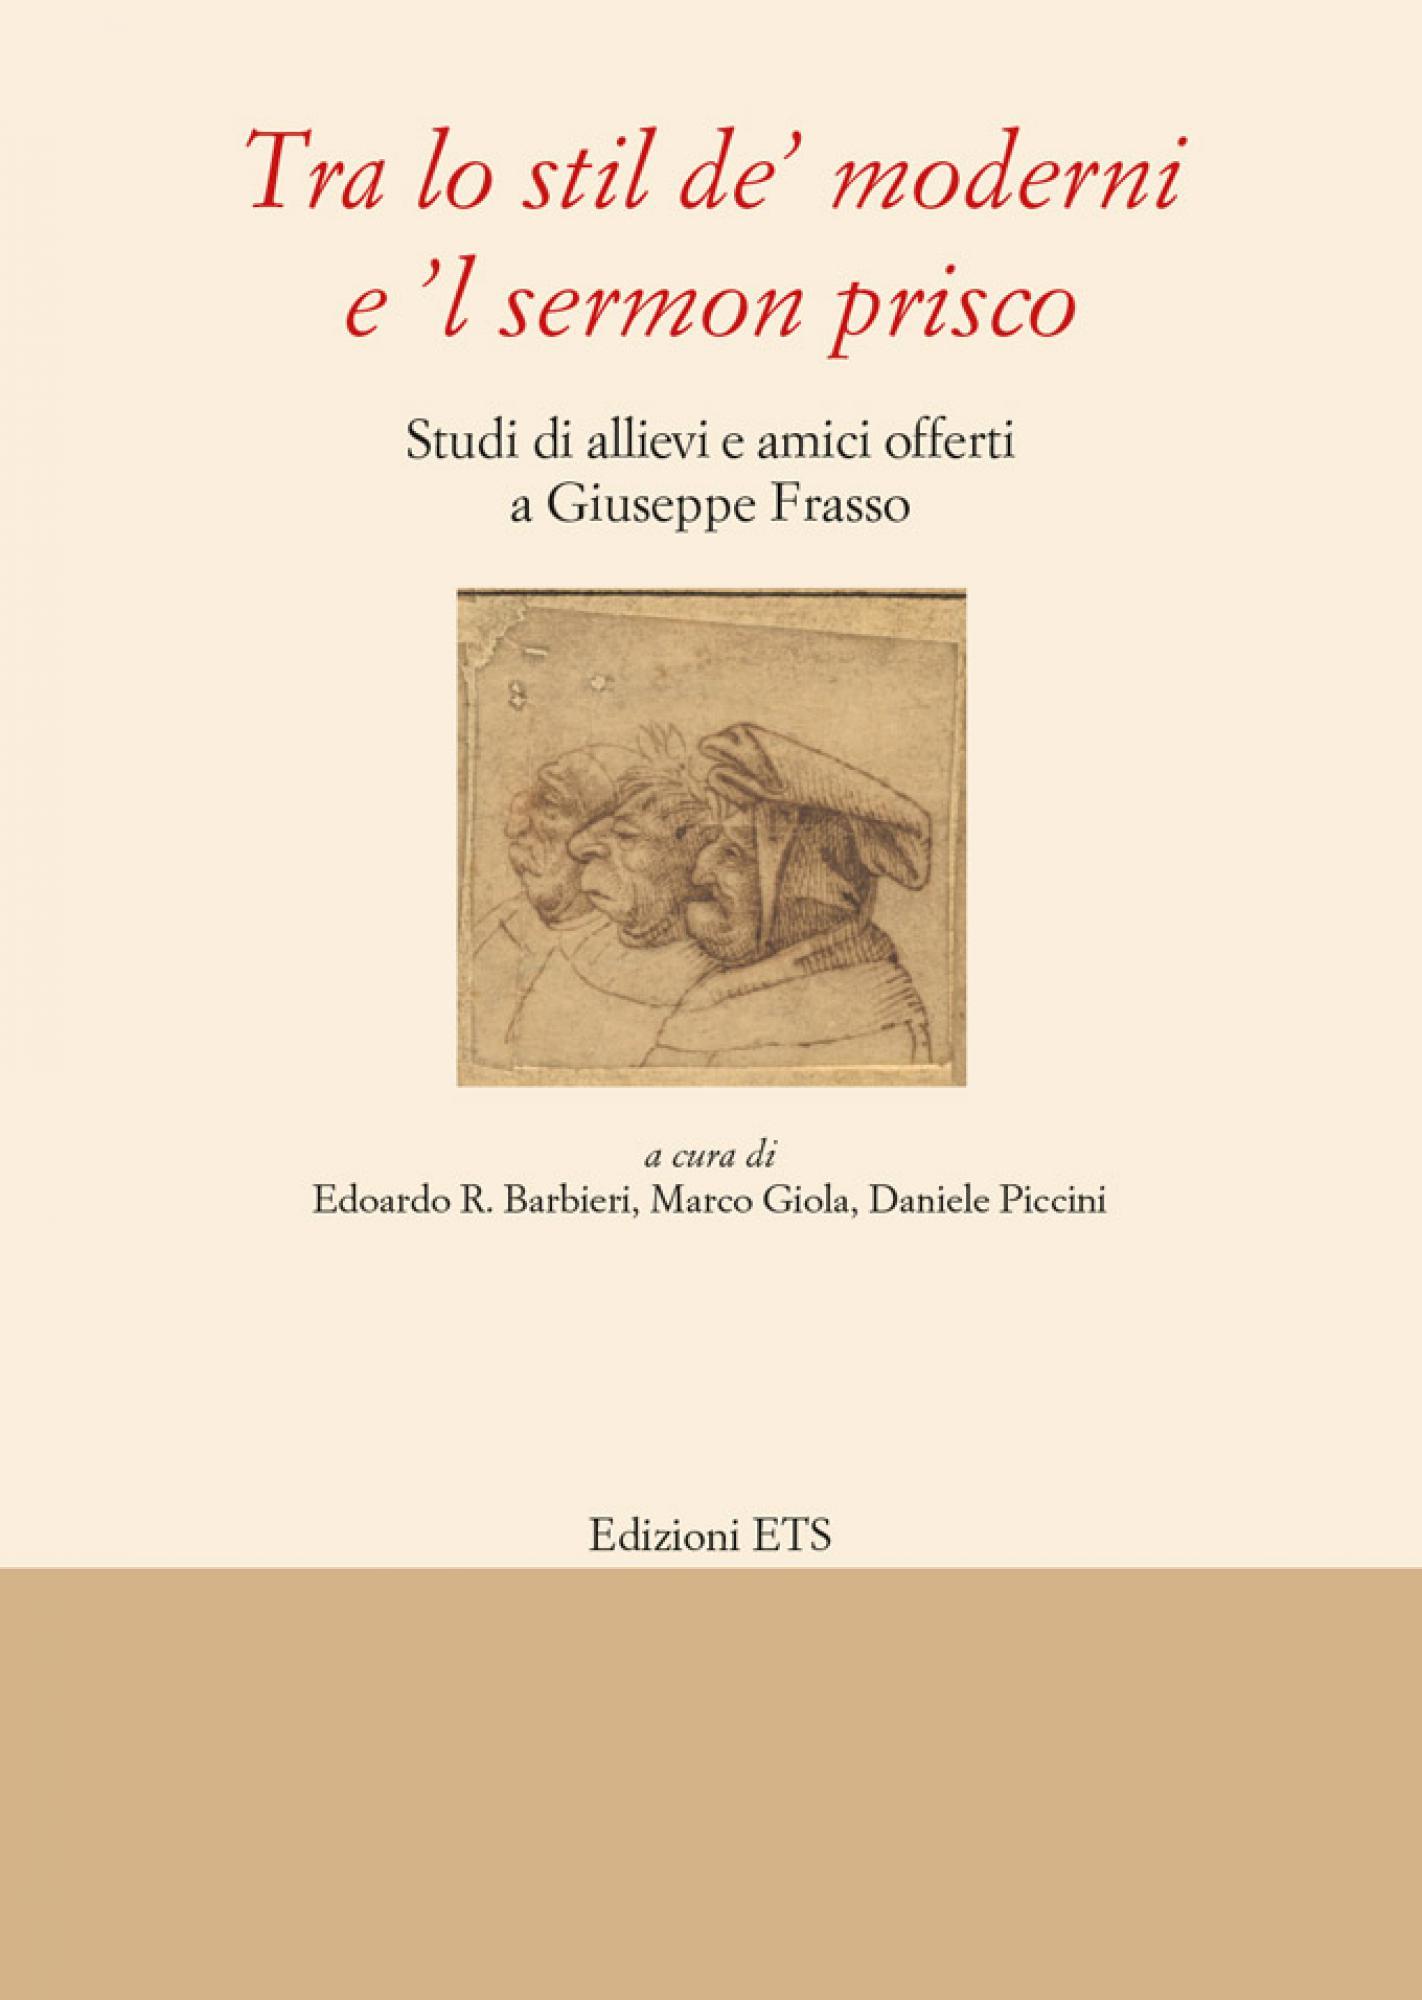 Tra lo stil de' moderni e 'l sermon prisco.Studi di allievi e amici offerti a Giuseppe Frasso